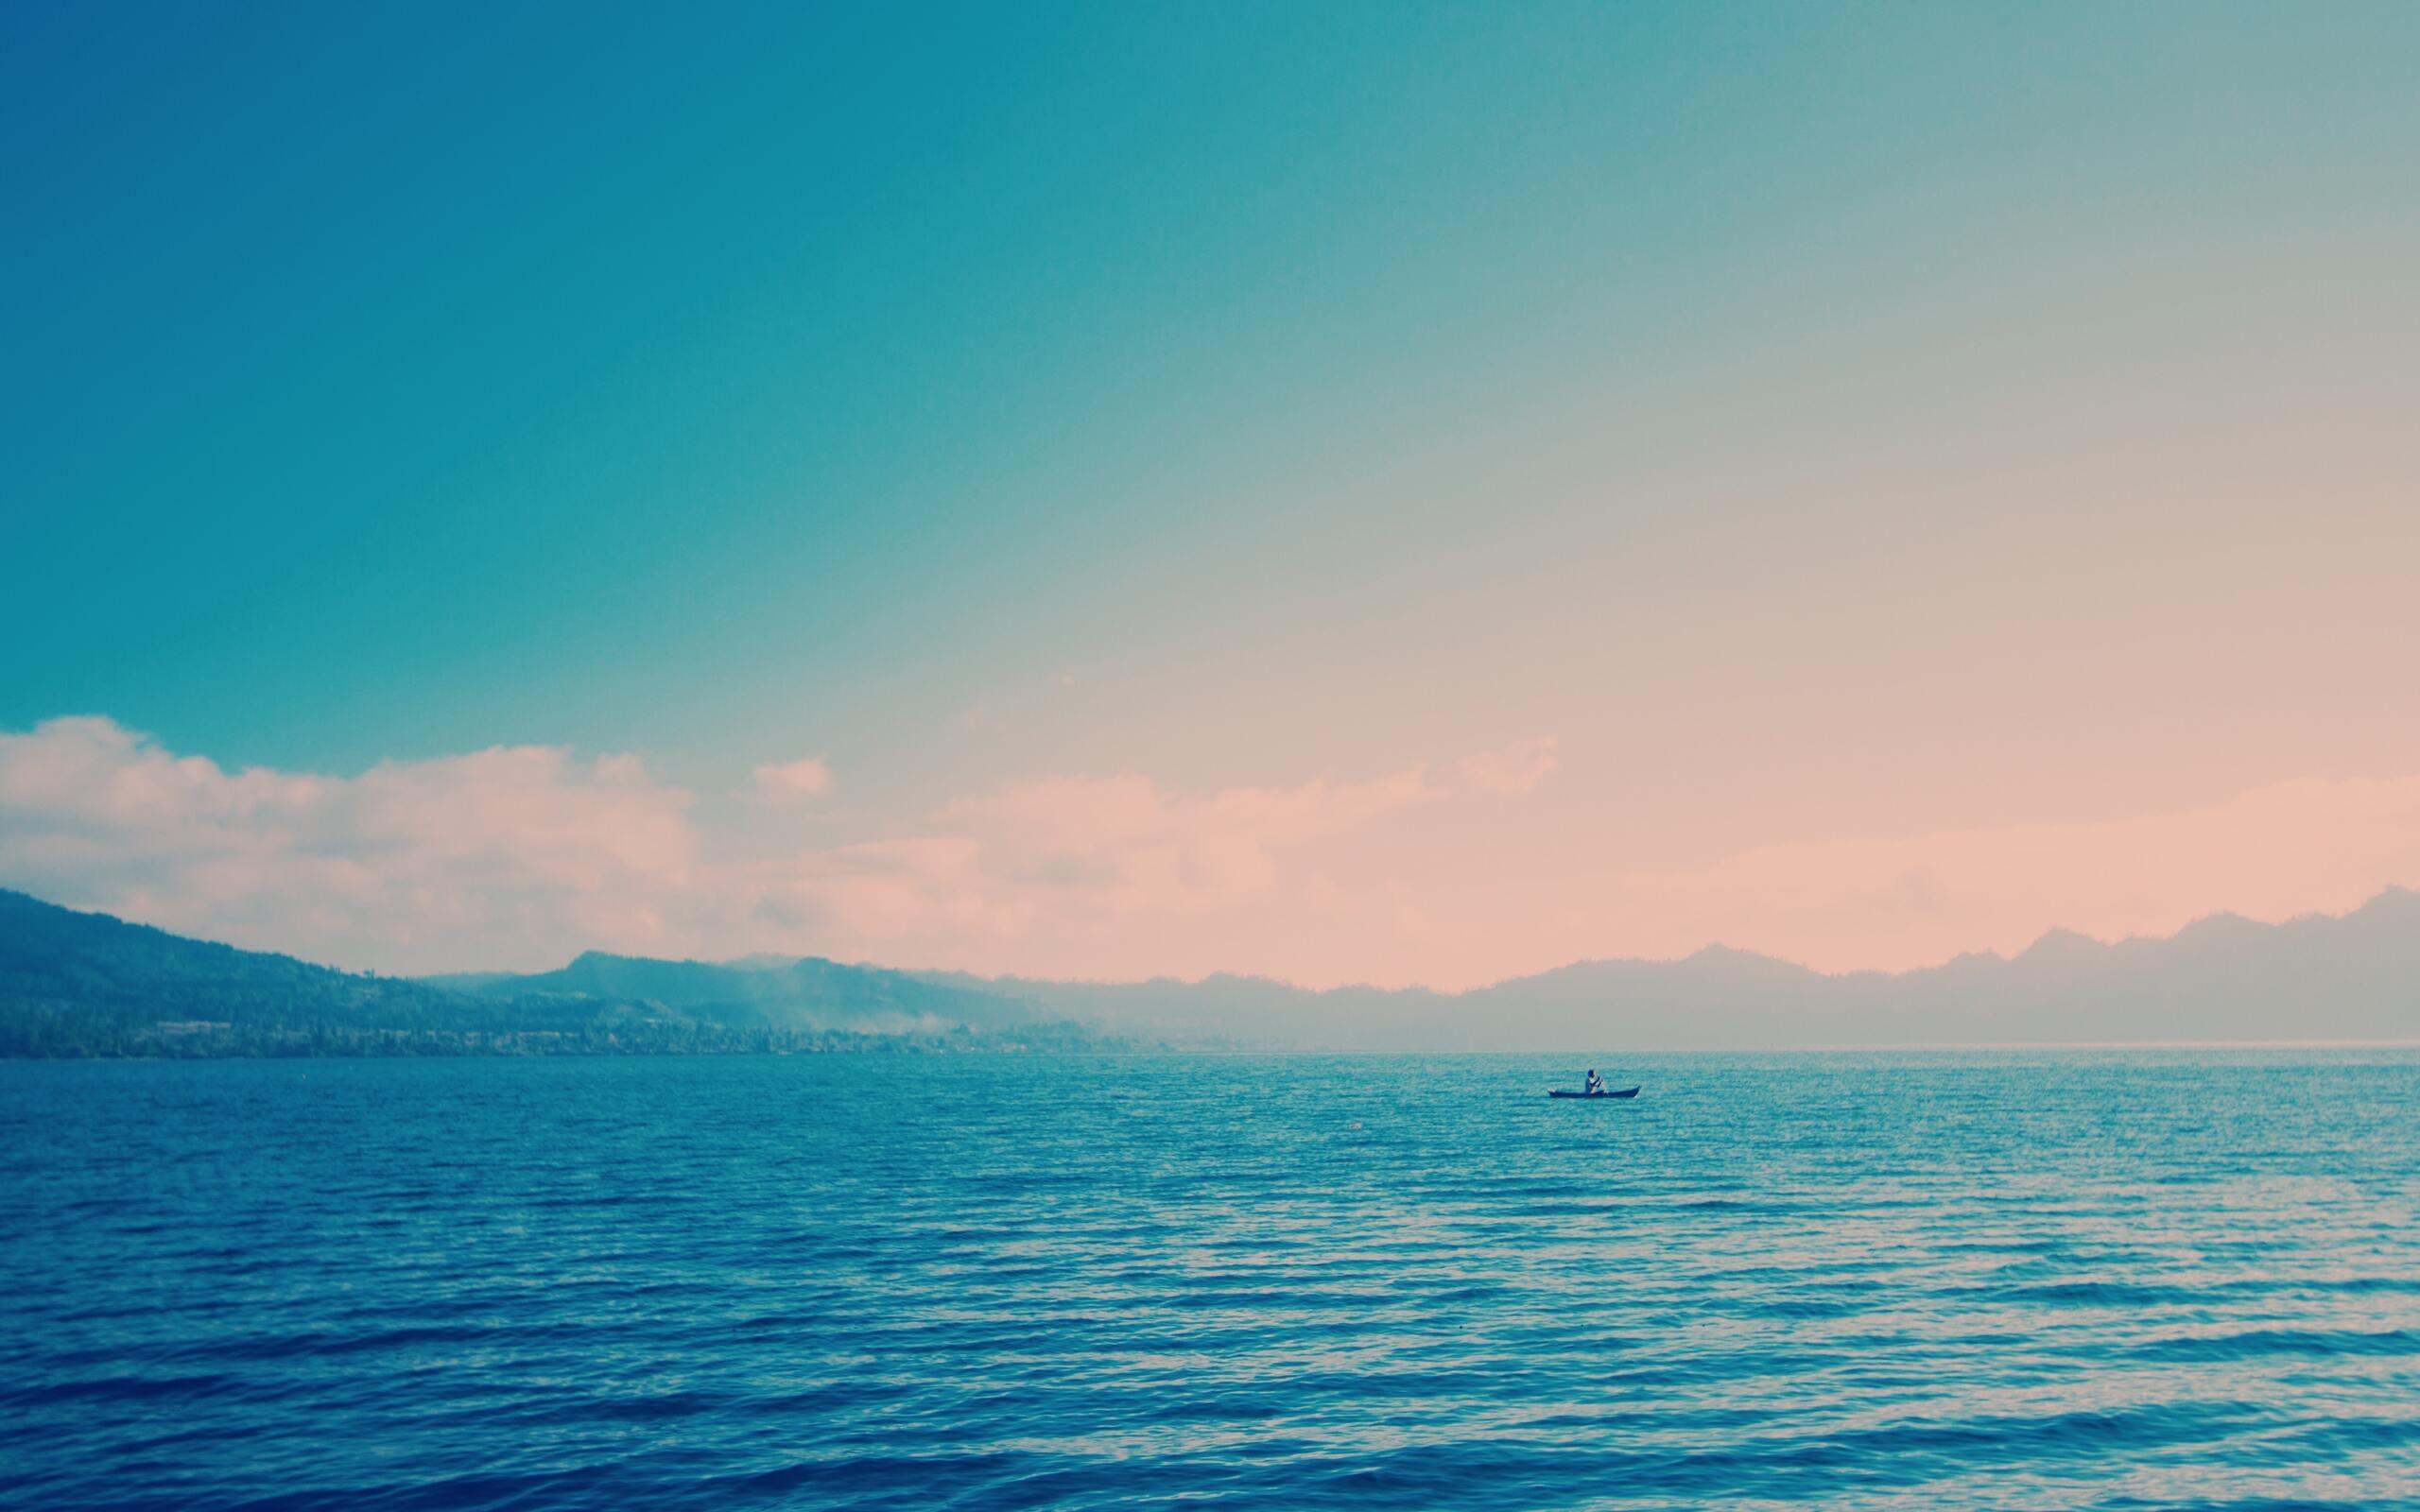 seascape-sky-water-waves-j2.jpg